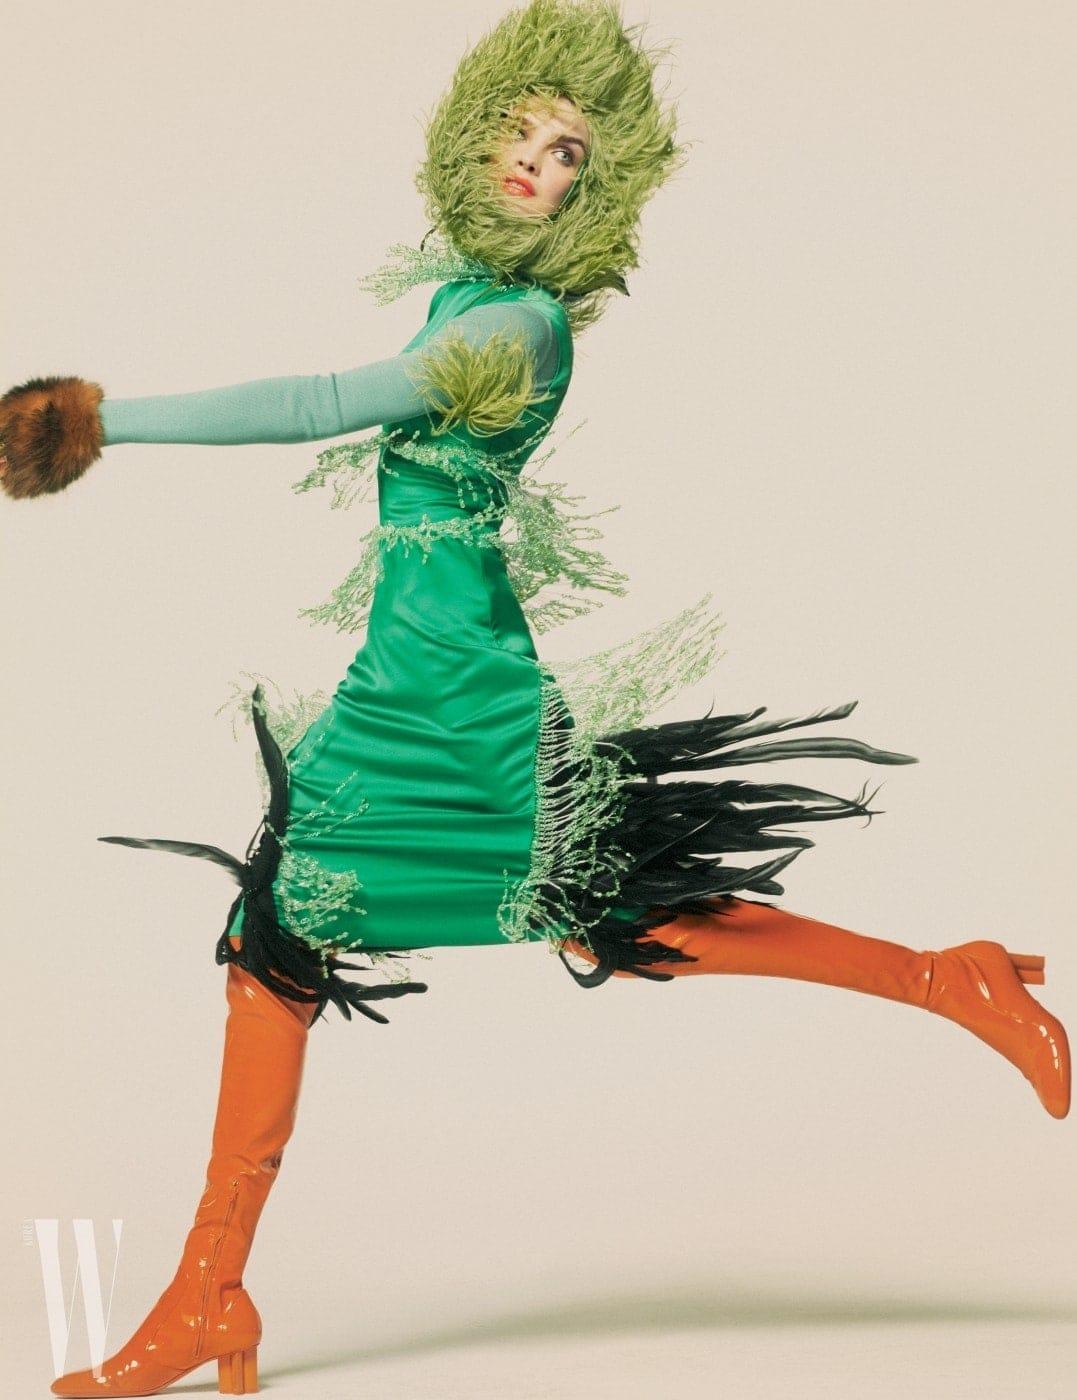 깃털 장식 드레스와 모자는 Prada, 터틀넥은 Salvatore Ferragamo, 오렌지색 부츠는 Louis Vuitton, 스톨은 Yves Salomon 제품.